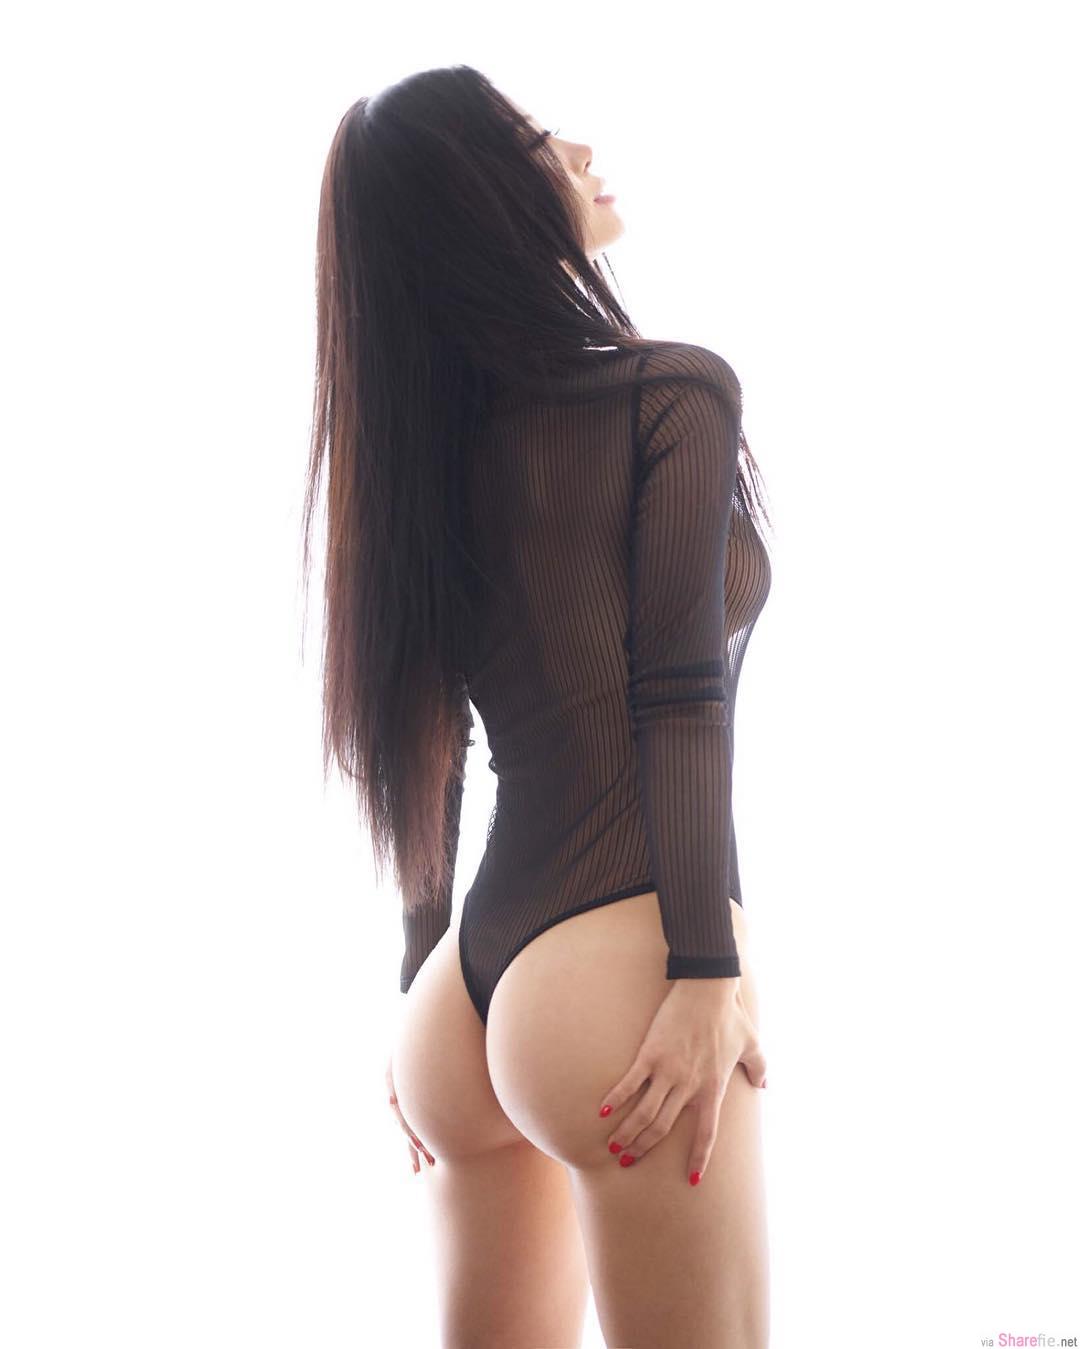 韩国混血正妹 Emi Baby 瘦腰坚挺美乳 网友:想逼死谁